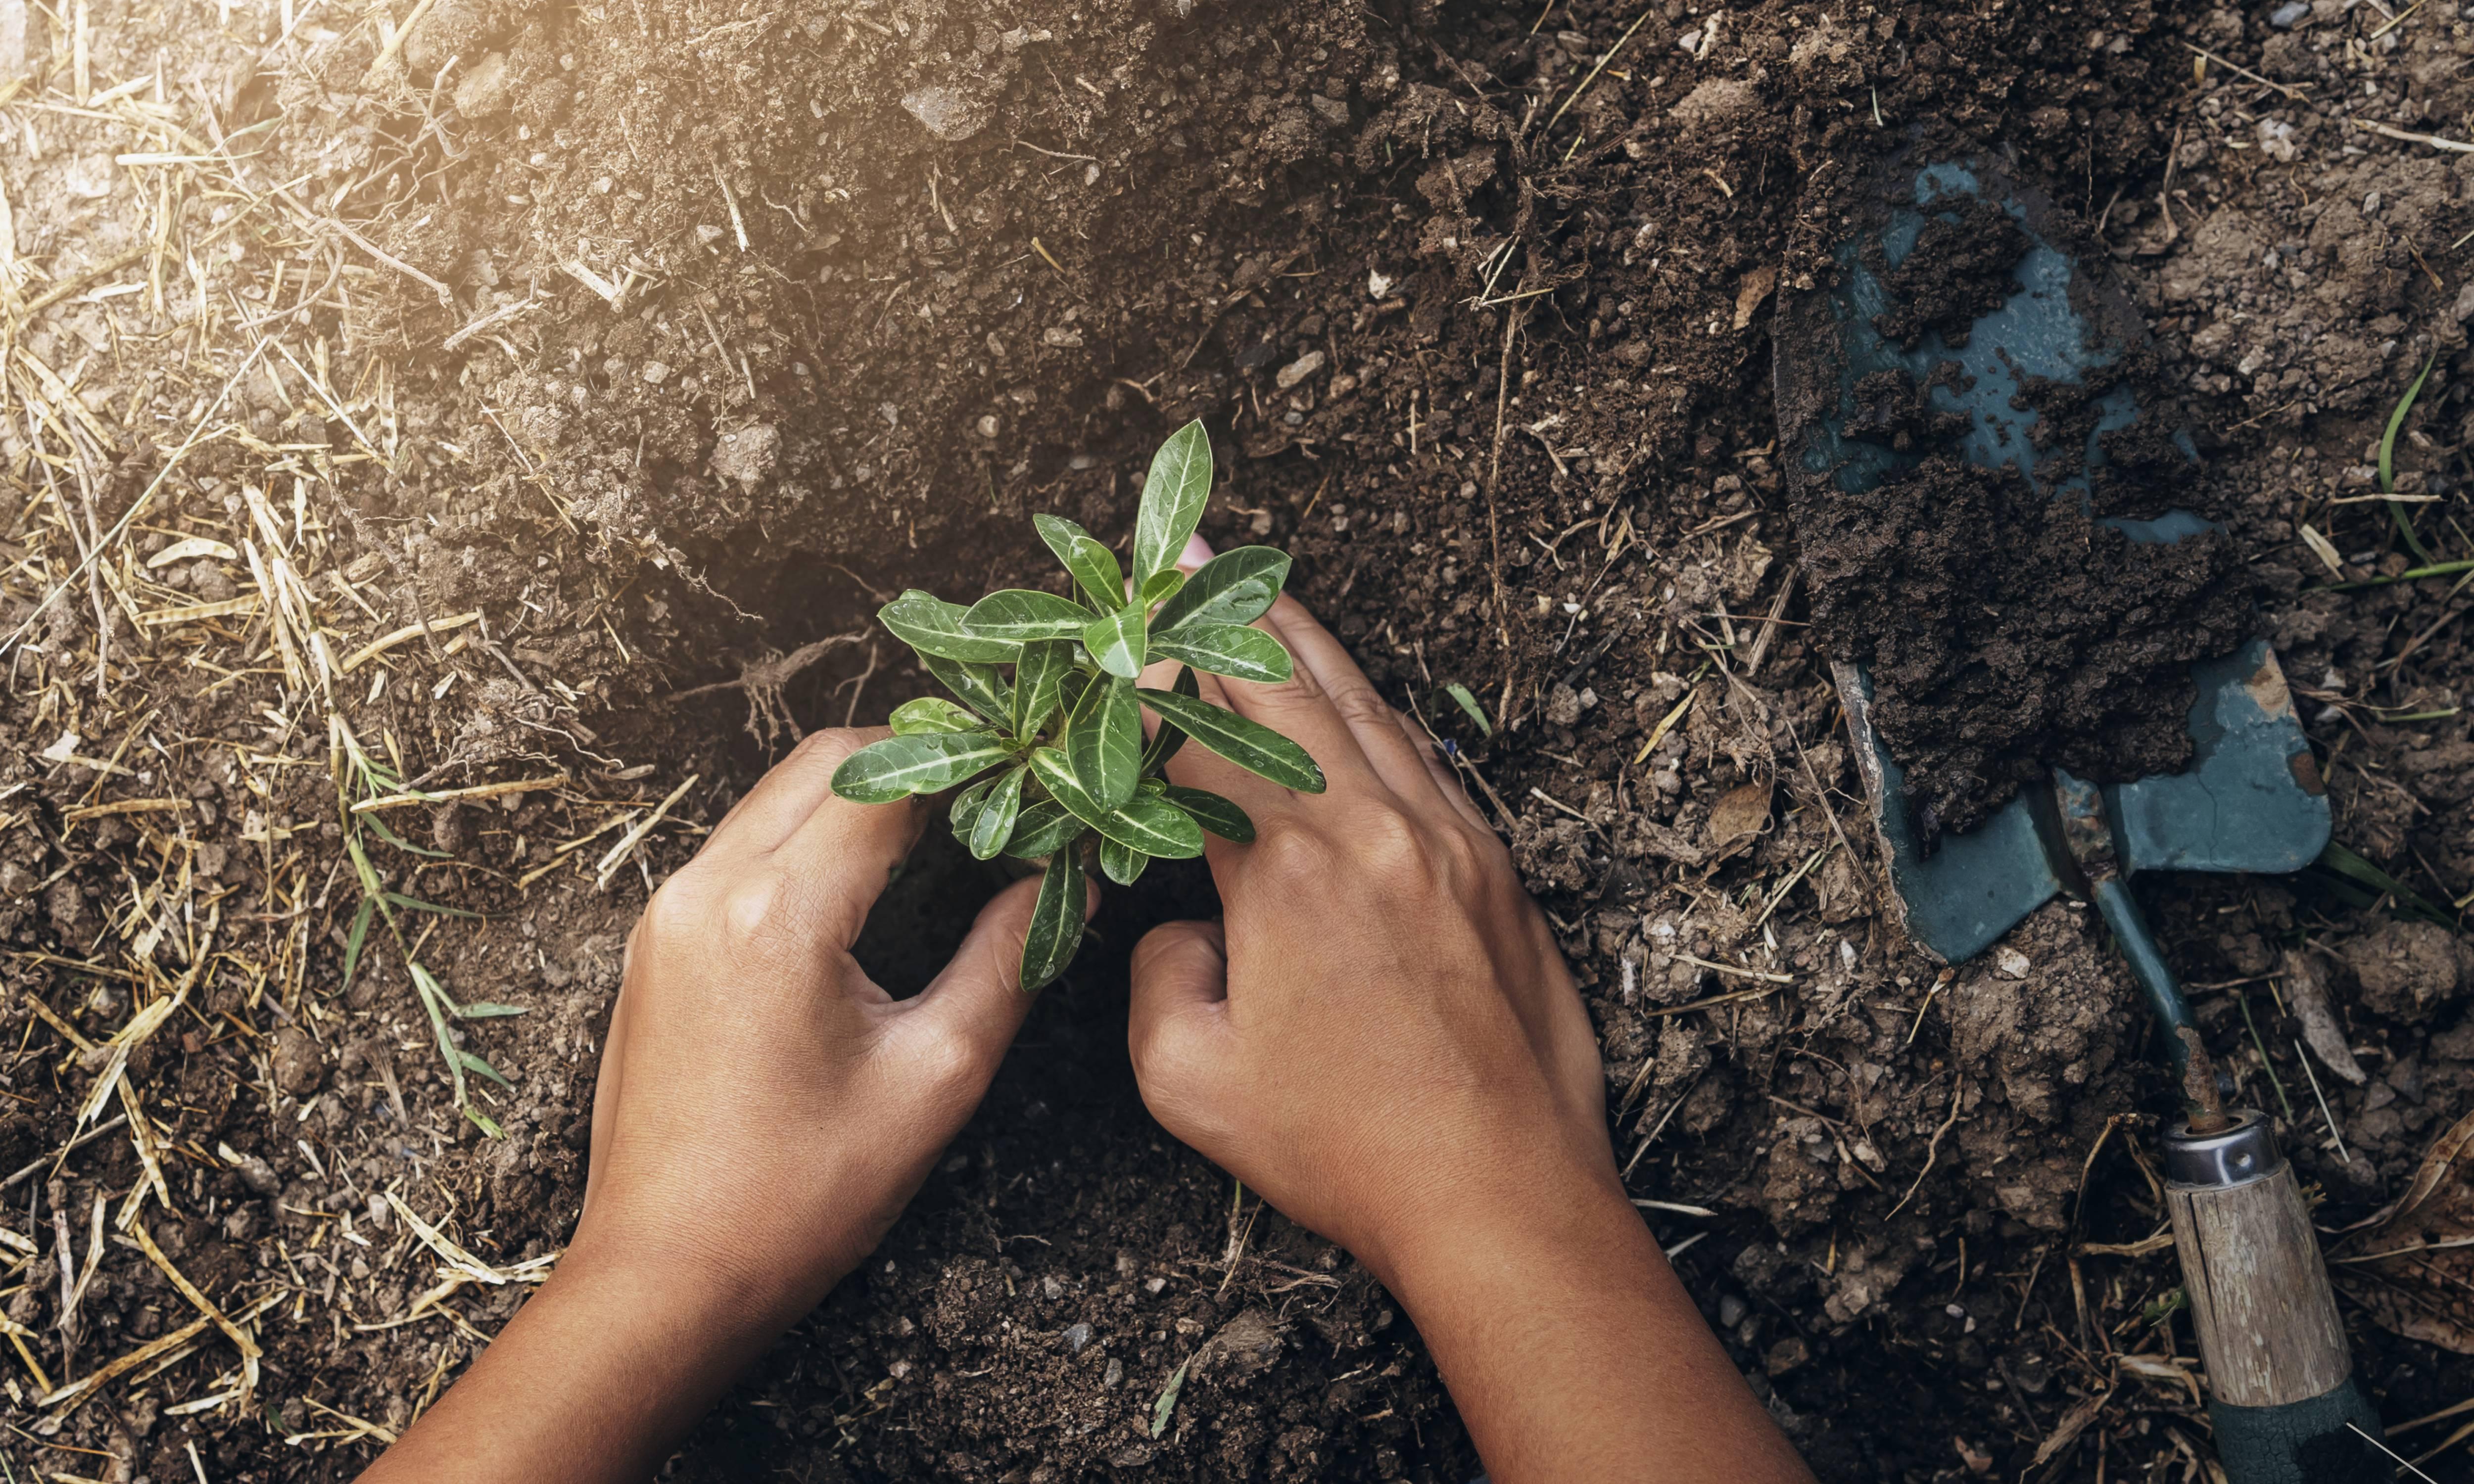 Matéria MBeD - Fundos ESG - Plantando árvore no jardim. conceito salvar mundo terra verde - Imagem em Alta Resolução - palavras-chaves:Plantar, Árvore, Planta nova, Árvore Nova, Folha